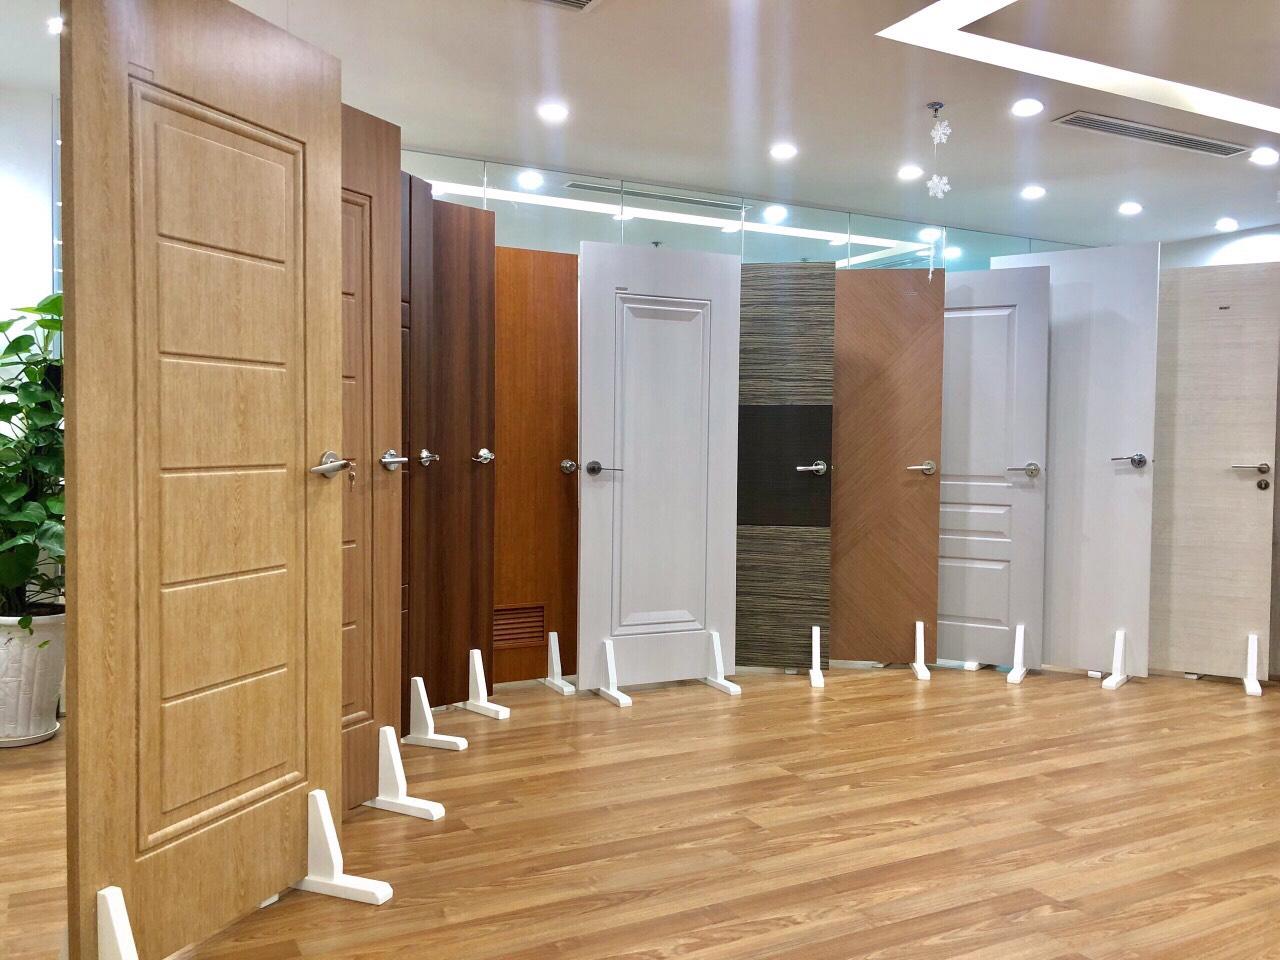 Giải đáp 3 câu hỏi về cửa phòng ngủ ABS Daehan Hàn Quốc